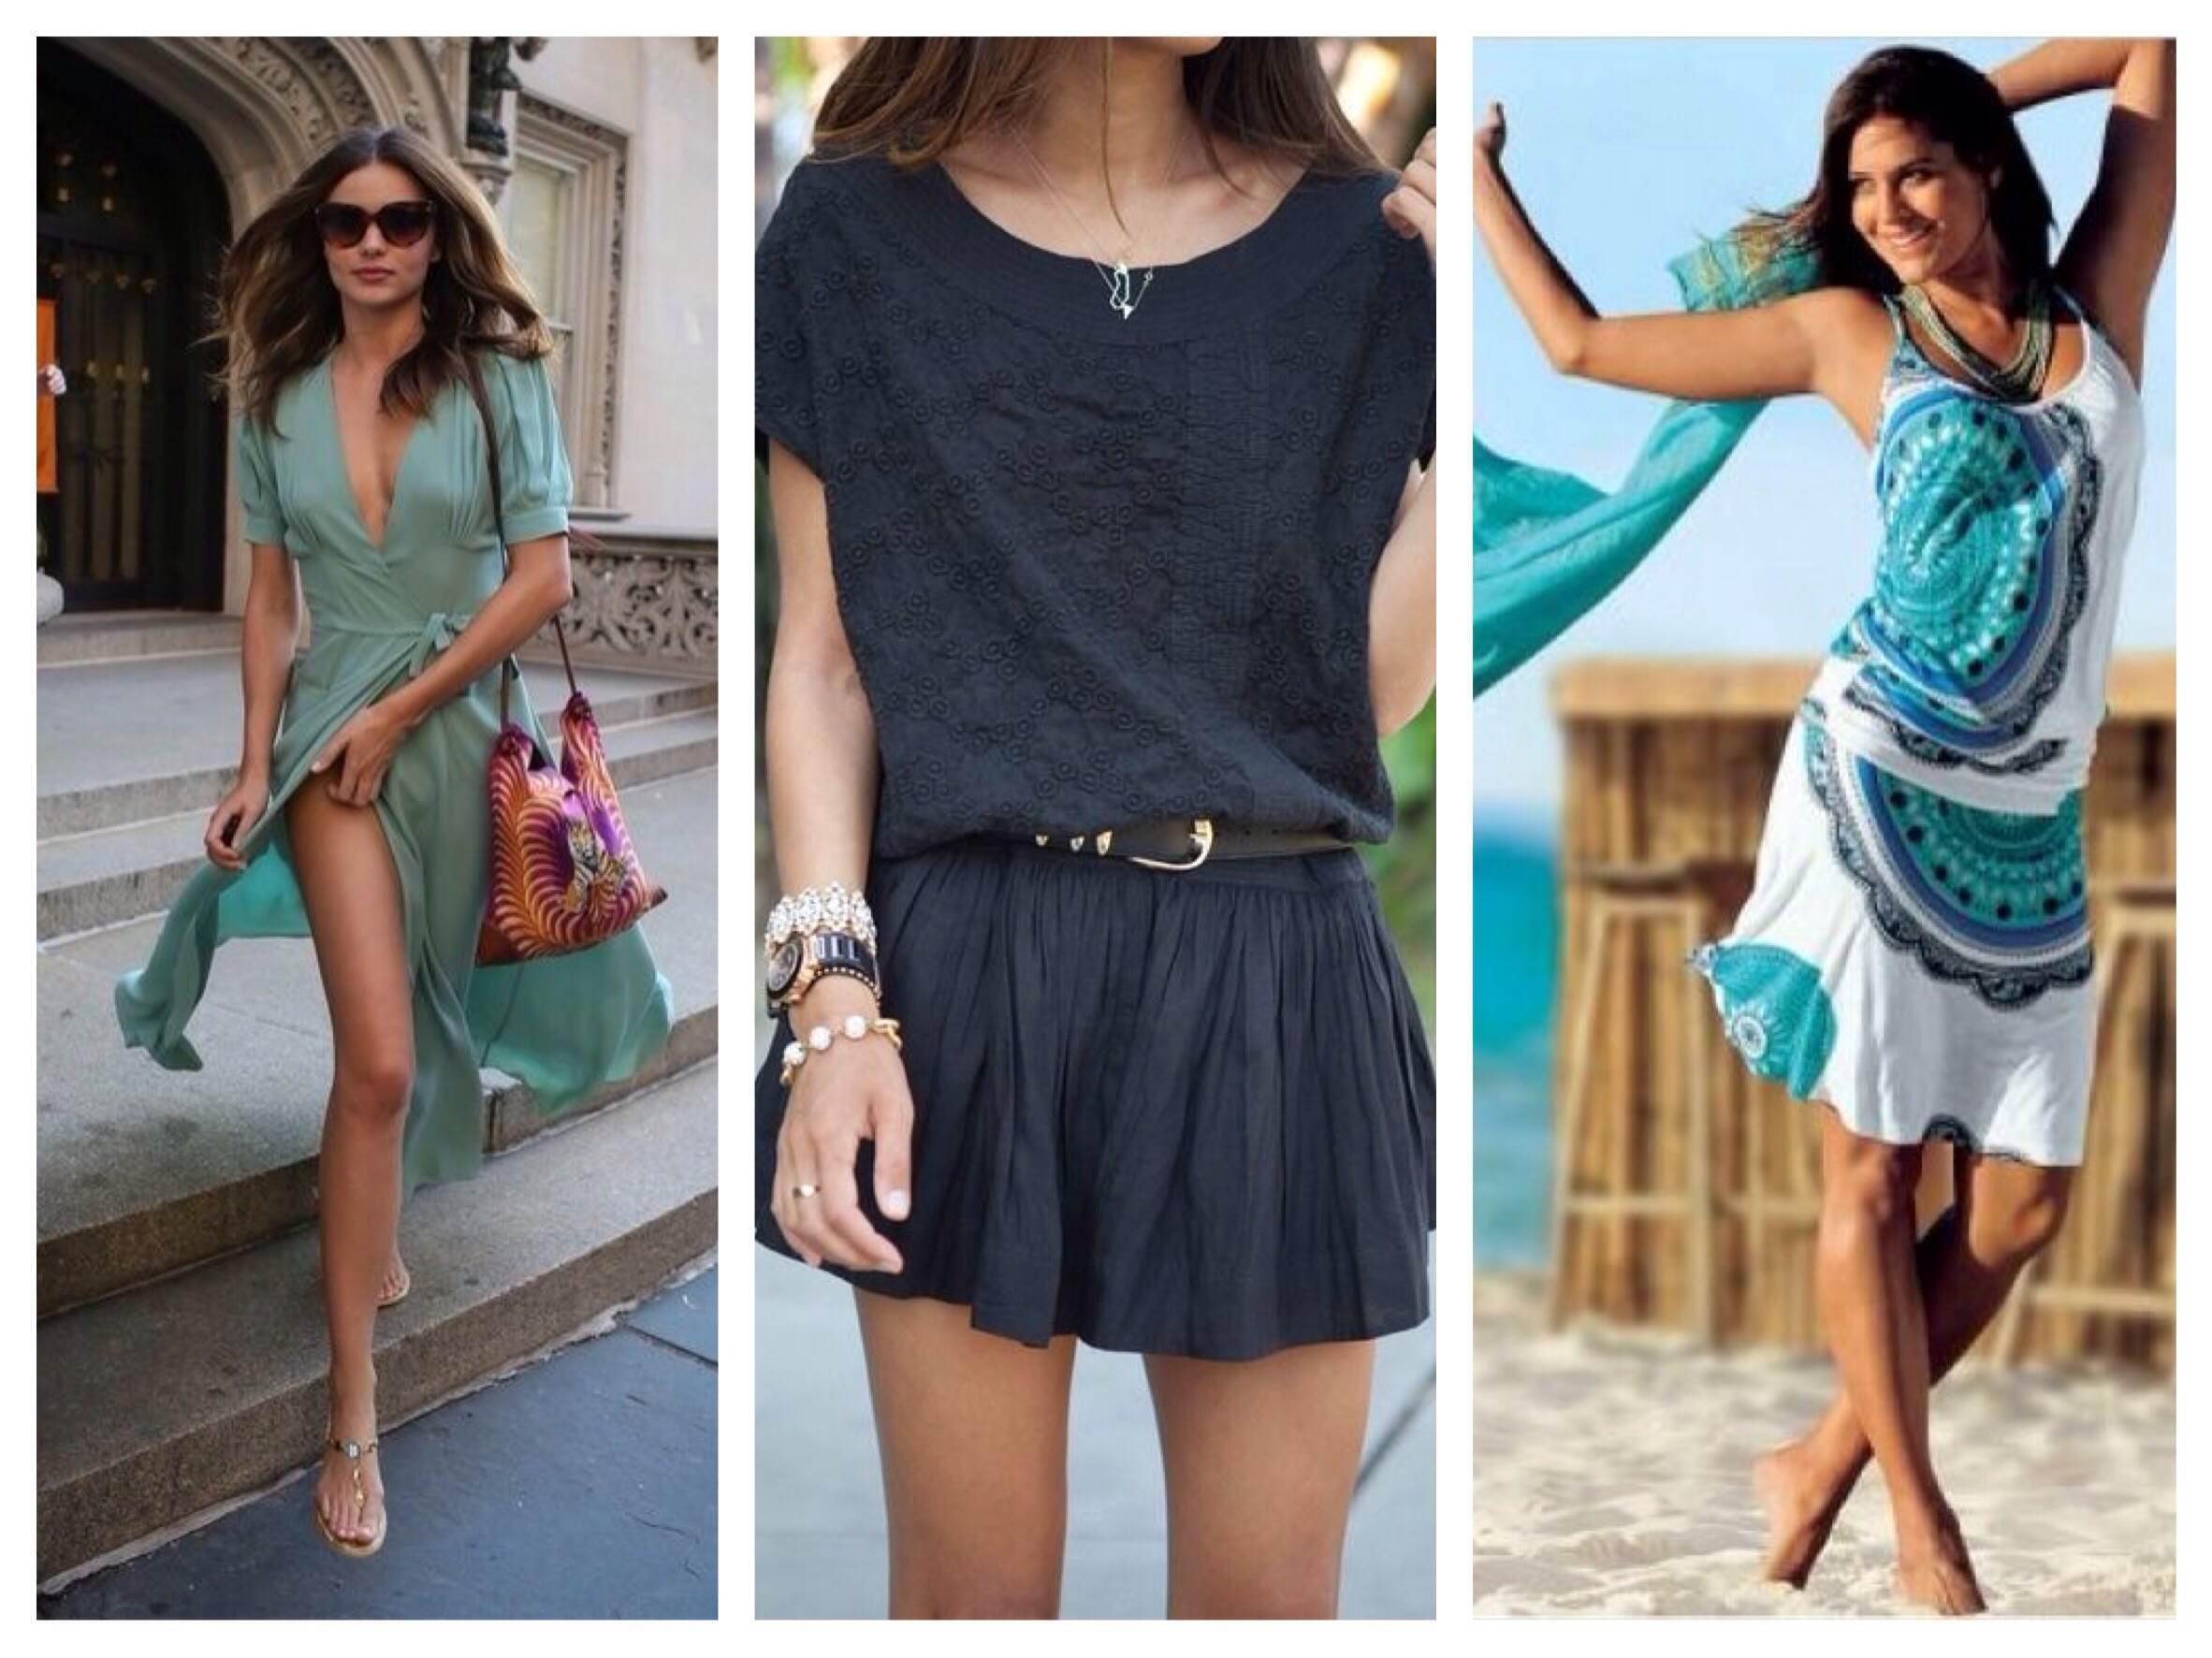 630e0c1ba46 Базовый гардероб на лето современной женщины